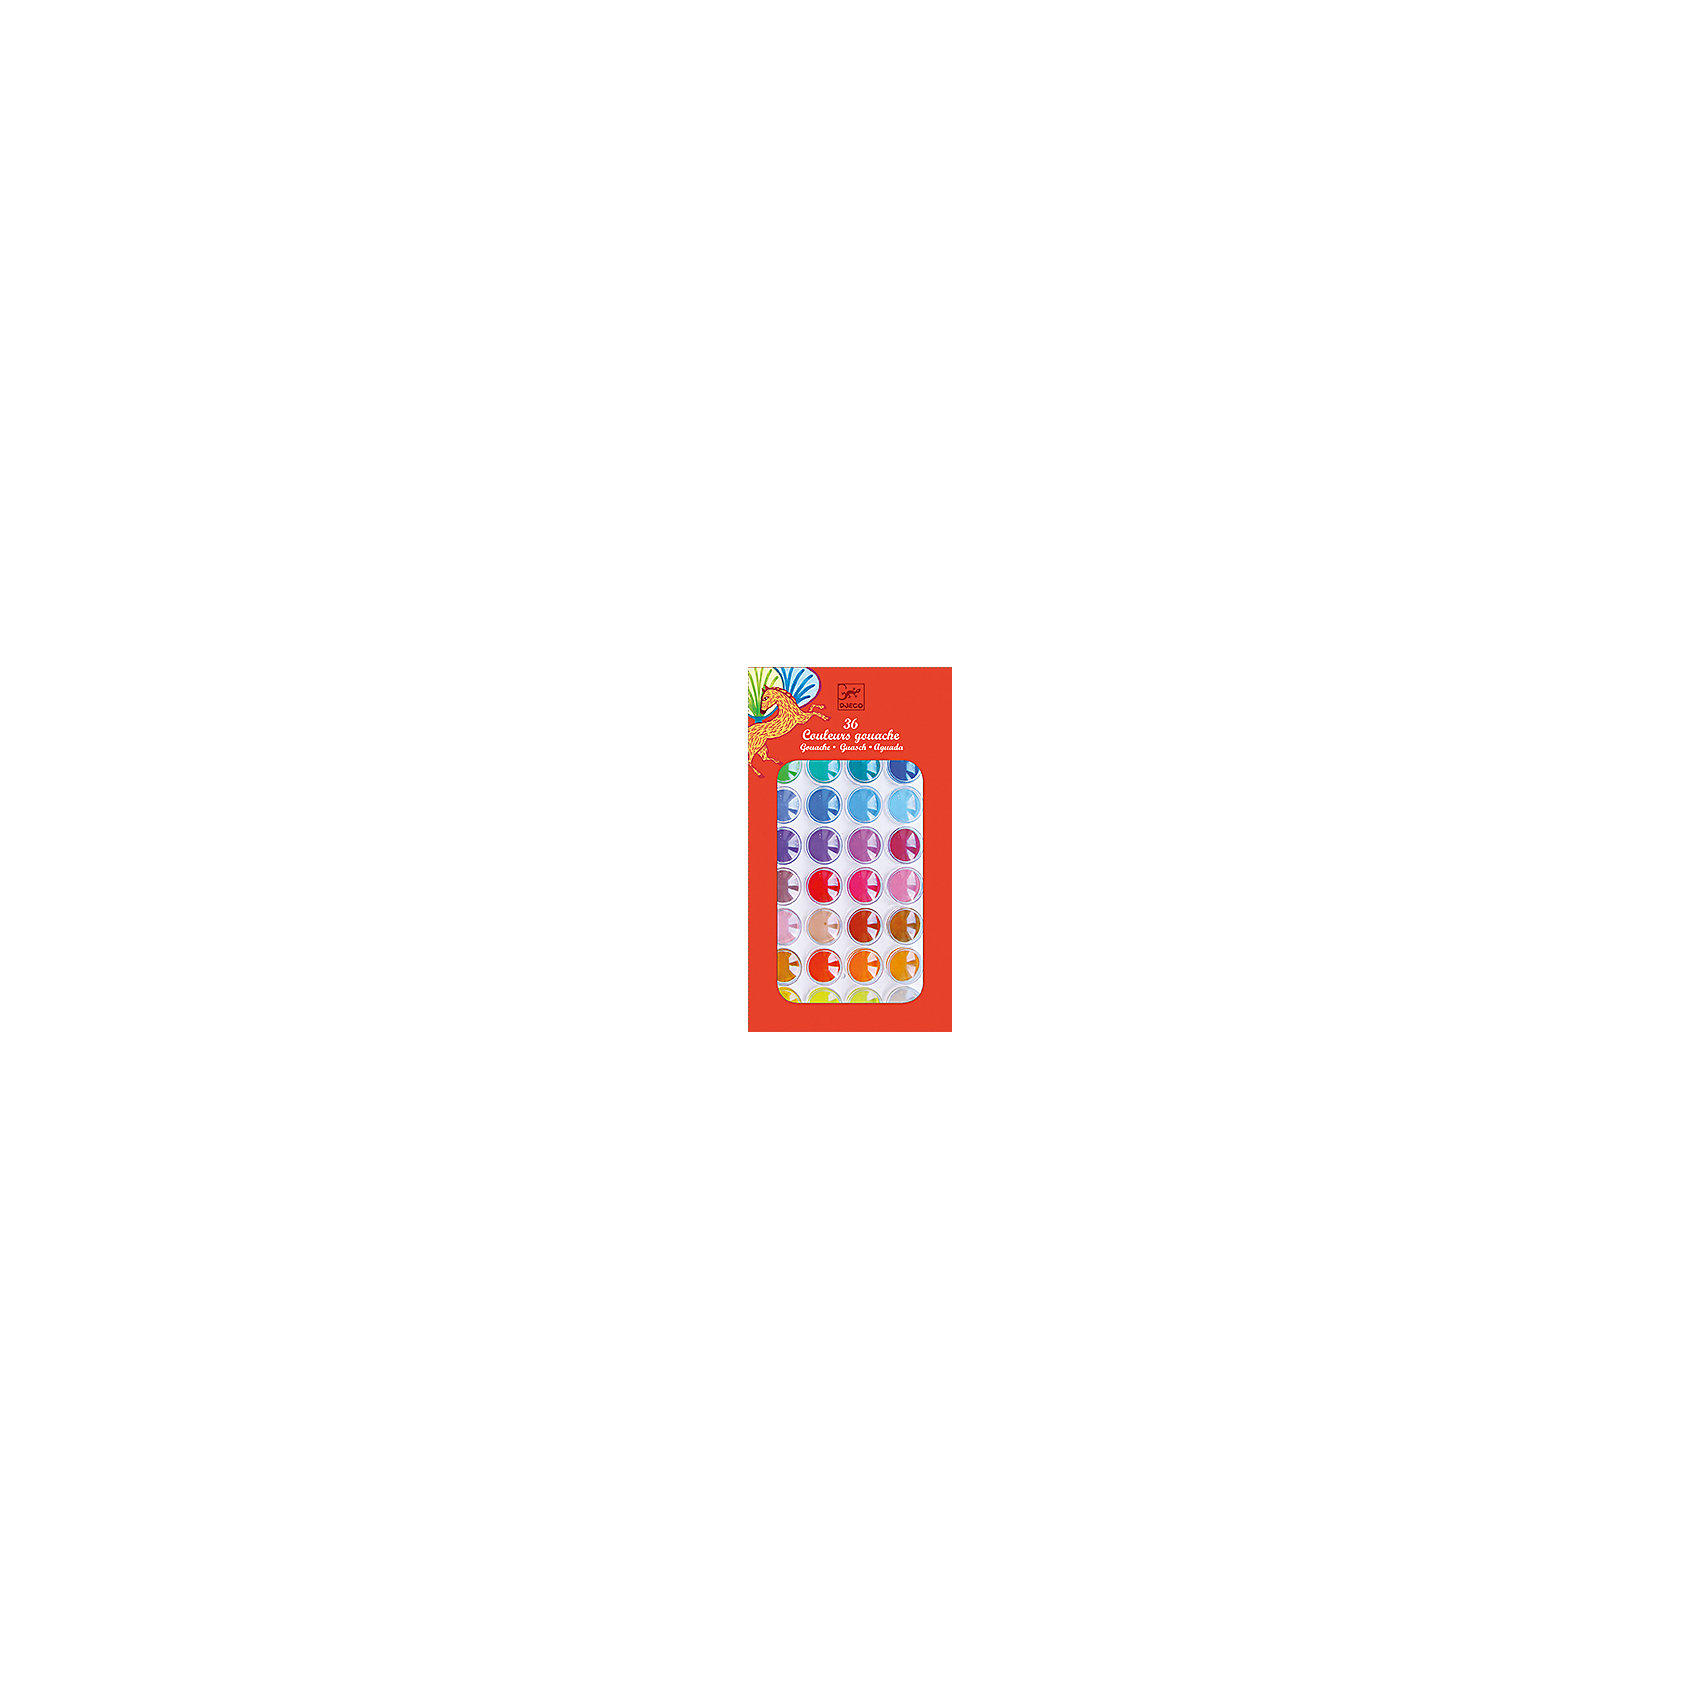 Гуашь, 36 цветов, DJECOГуашь<br>Гуашь, 36 цветов, DJECO (ДЖЕКО) – это прекрасный набор качественной гуаши для рисования.<br>Гуашь от французской компании Djeco (Джеко) – это великолепный набор для творчества из 36 цветов и кисточки для рисования. Он станет замечательным подарком для начинающего художника. Пластиковая крышка имеет специальные выемки, что очень удобно для смешивания различных цветов. Богатая палитра оттенков открывает перед детьми широкое поле для фантазии. Рисунки будут получаться яркими и насыщенными. Краска сделана на водной основе из натуральных ингредиентов, легко наносится как на бумагу, так и на картон, быстро сохнет. Рисование - это одно из самых любимых занятий детей. Рисуя, ребенок открывает для себя неизведанный мир формы и цвета, развивает воображение и фантазию. В рисунок трансформируются мысли ребенка и его чувства. Развивается мелкая моторика, а значит и речевой аппарат, логическое мышление; ребенок учится аккуратности, терпению, усидчивости.<br><br>Дополнительная информация:<br><br>- В наборе: гуашь 36 цветов, кисточка<br>- Размер упаковки: 28 х 15 х 2 см.<br>- Вес: 130 гр.<br><br>Гуашь, 36 цветов, DJECO (ДЖЕКО) можно купить в нашем интернет-магазине.<br><br>Ширина мм: 280<br>Глубина мм: 150<br>Высота мм: 20<br>Вес г: 130<br>Возраст от месяцев: 24<br>Возраст до месяцев: 72<br>Пол: Унисекс<br>Возраст: Детский<br>SKU: 4305757